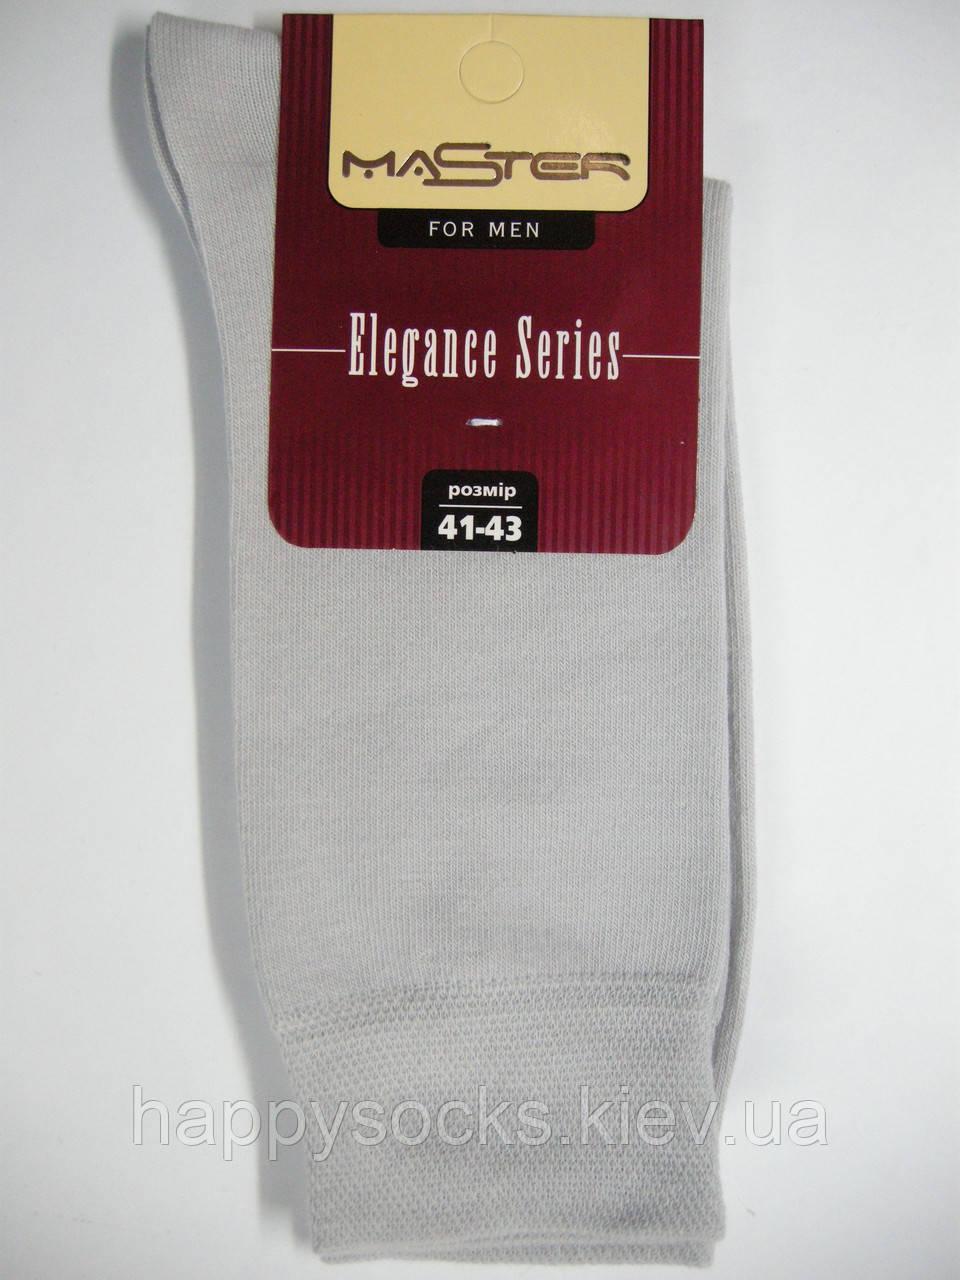 Классические высокие светло-серые носки  для мужчин